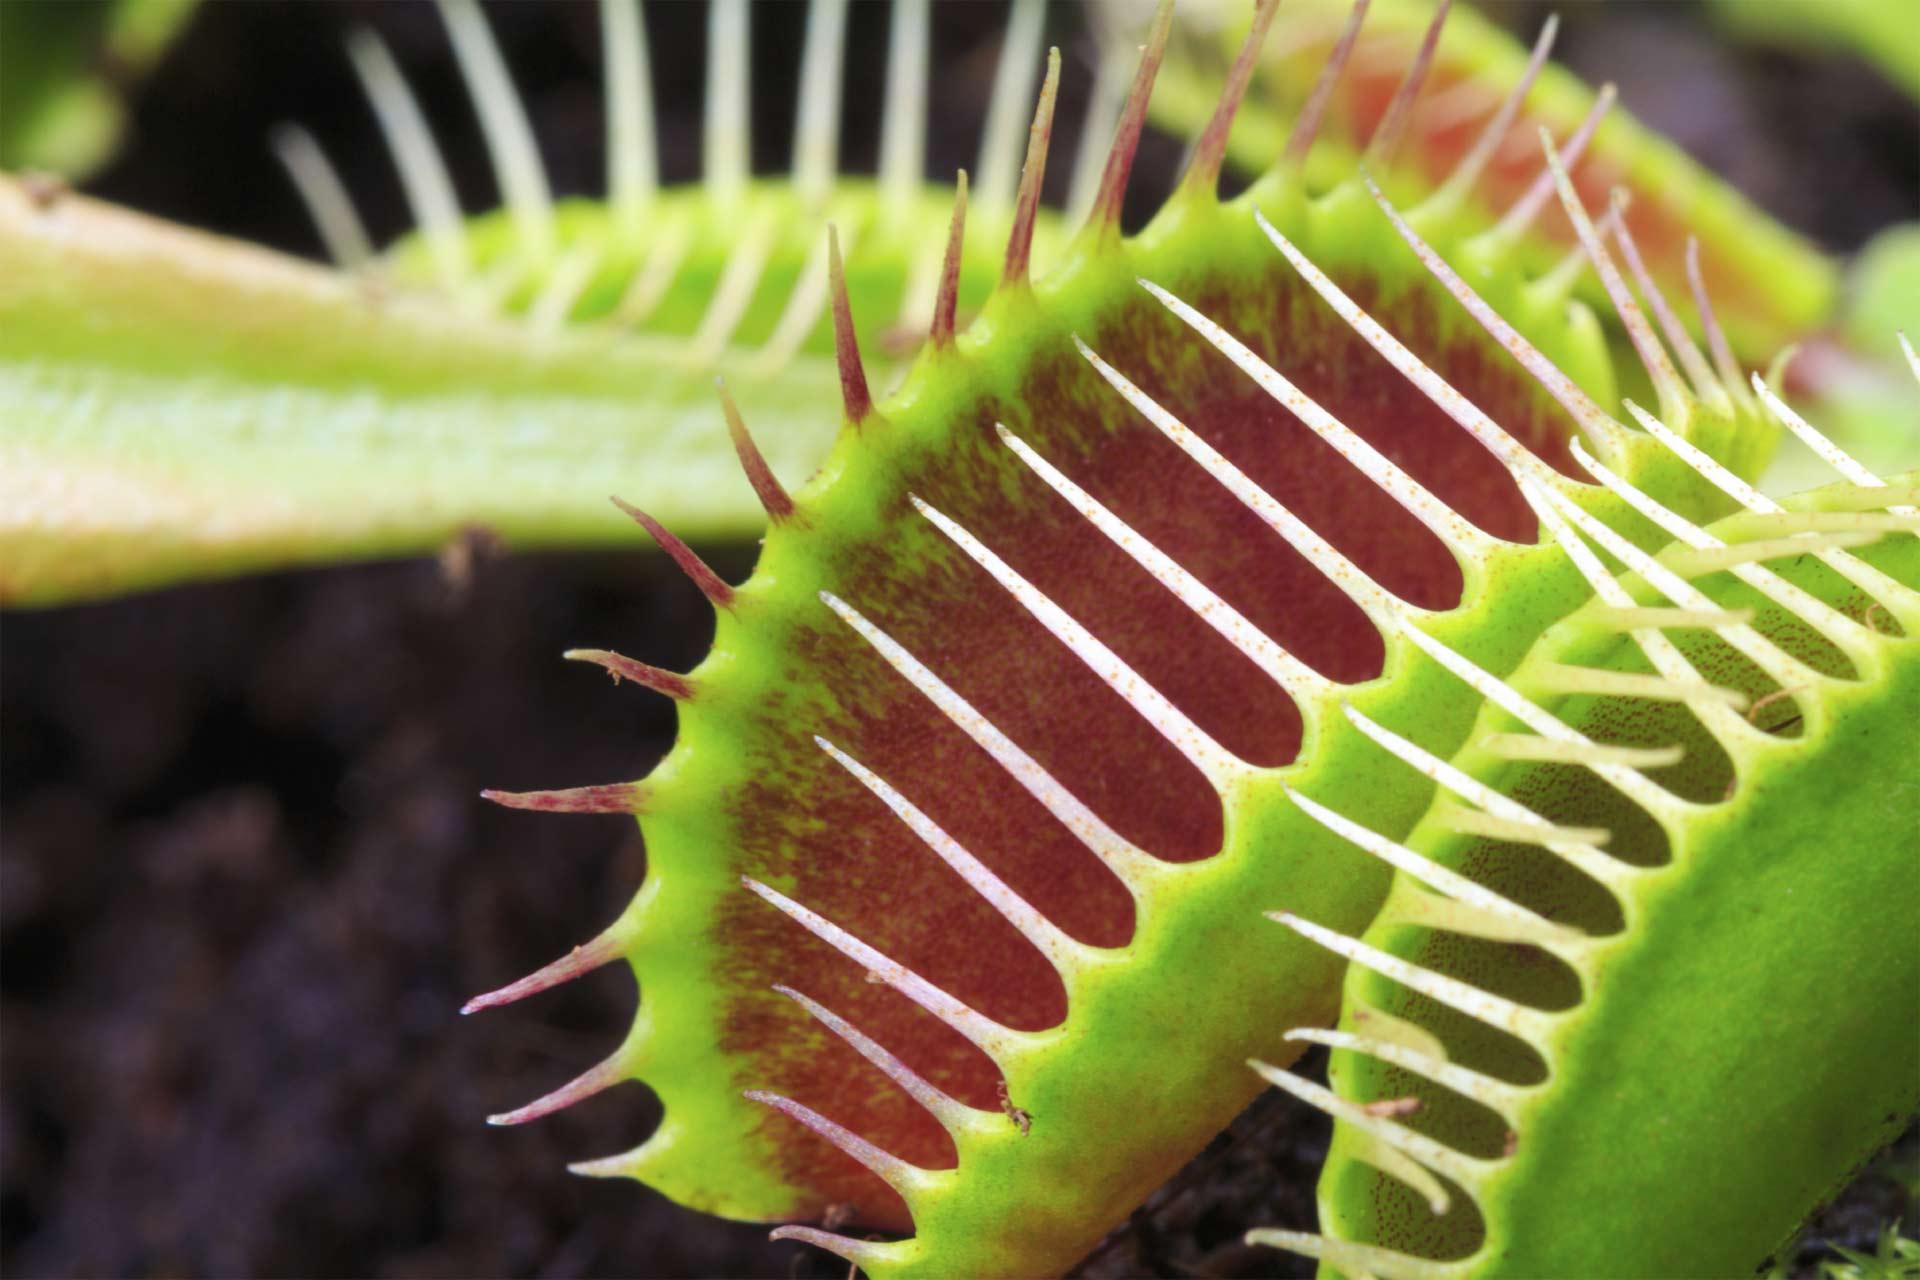 Aunque parezca extraño, la naturaleza es capaz de mostrar organismos vivos que resultan ser tan peligrosos como bellos